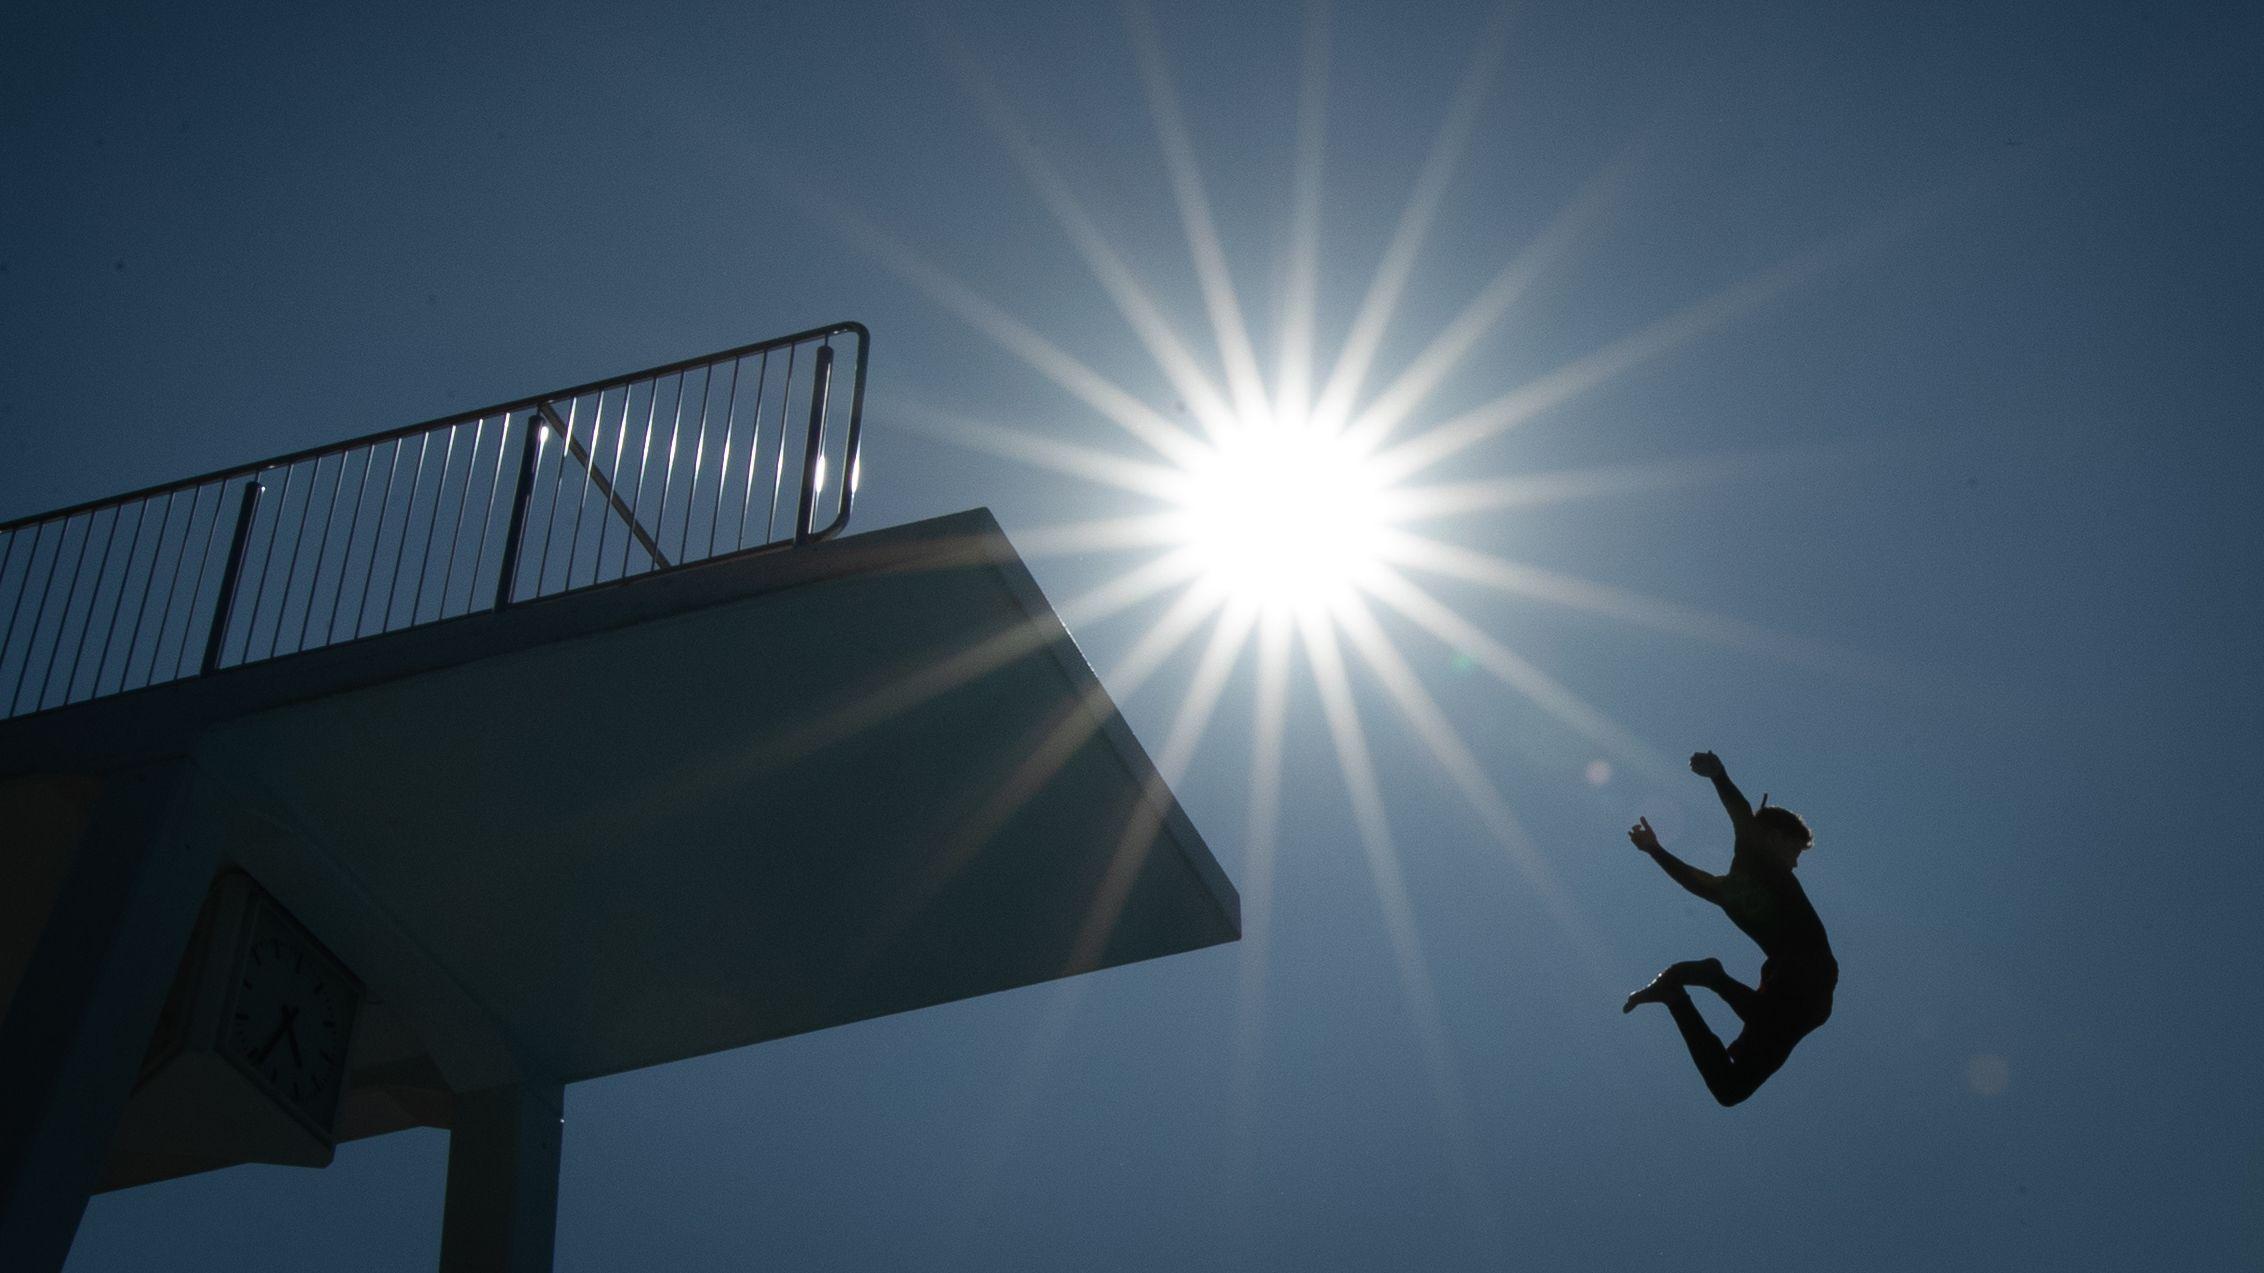 Badegast springt vom Zehn-Meter-Turm in Freibad